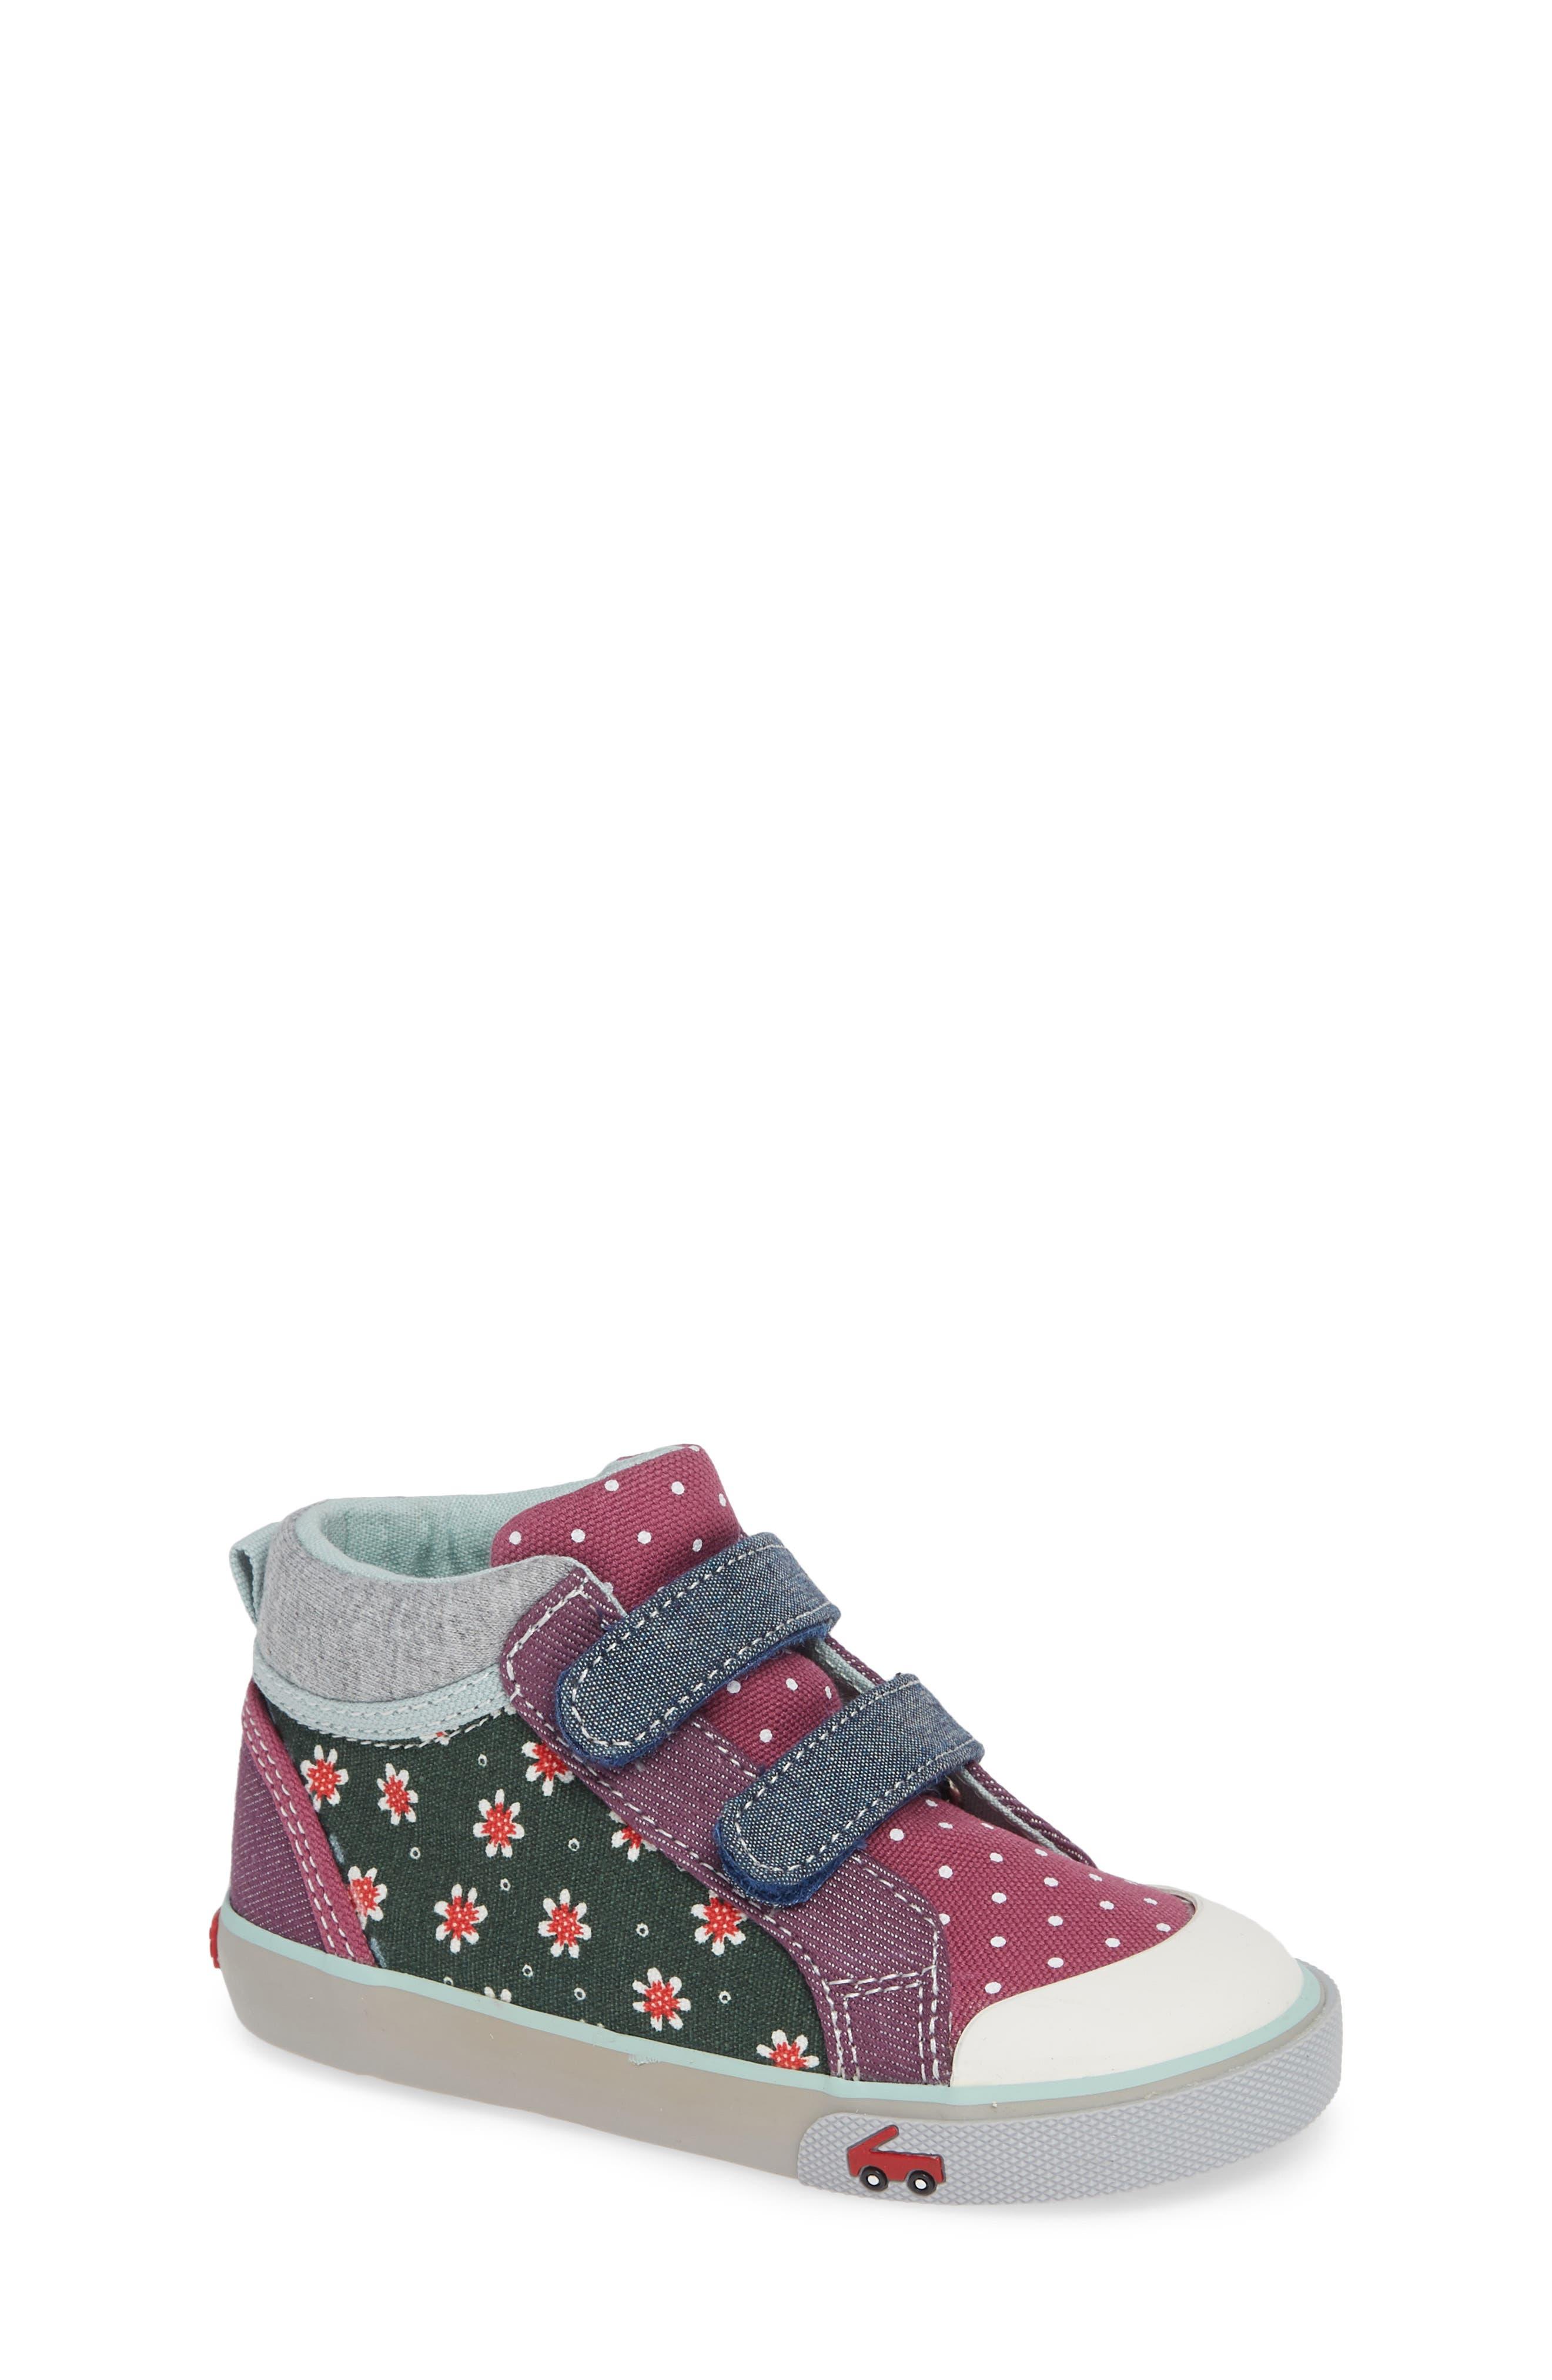 Kya Sneaker,                         Main,                         color, GREEN FLORAL/MULTI